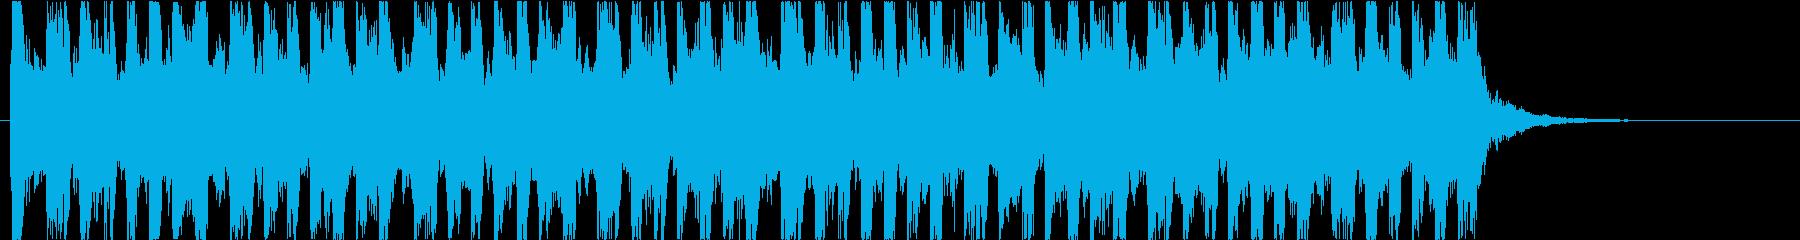 リズミカルなBGMの再生済みの波形